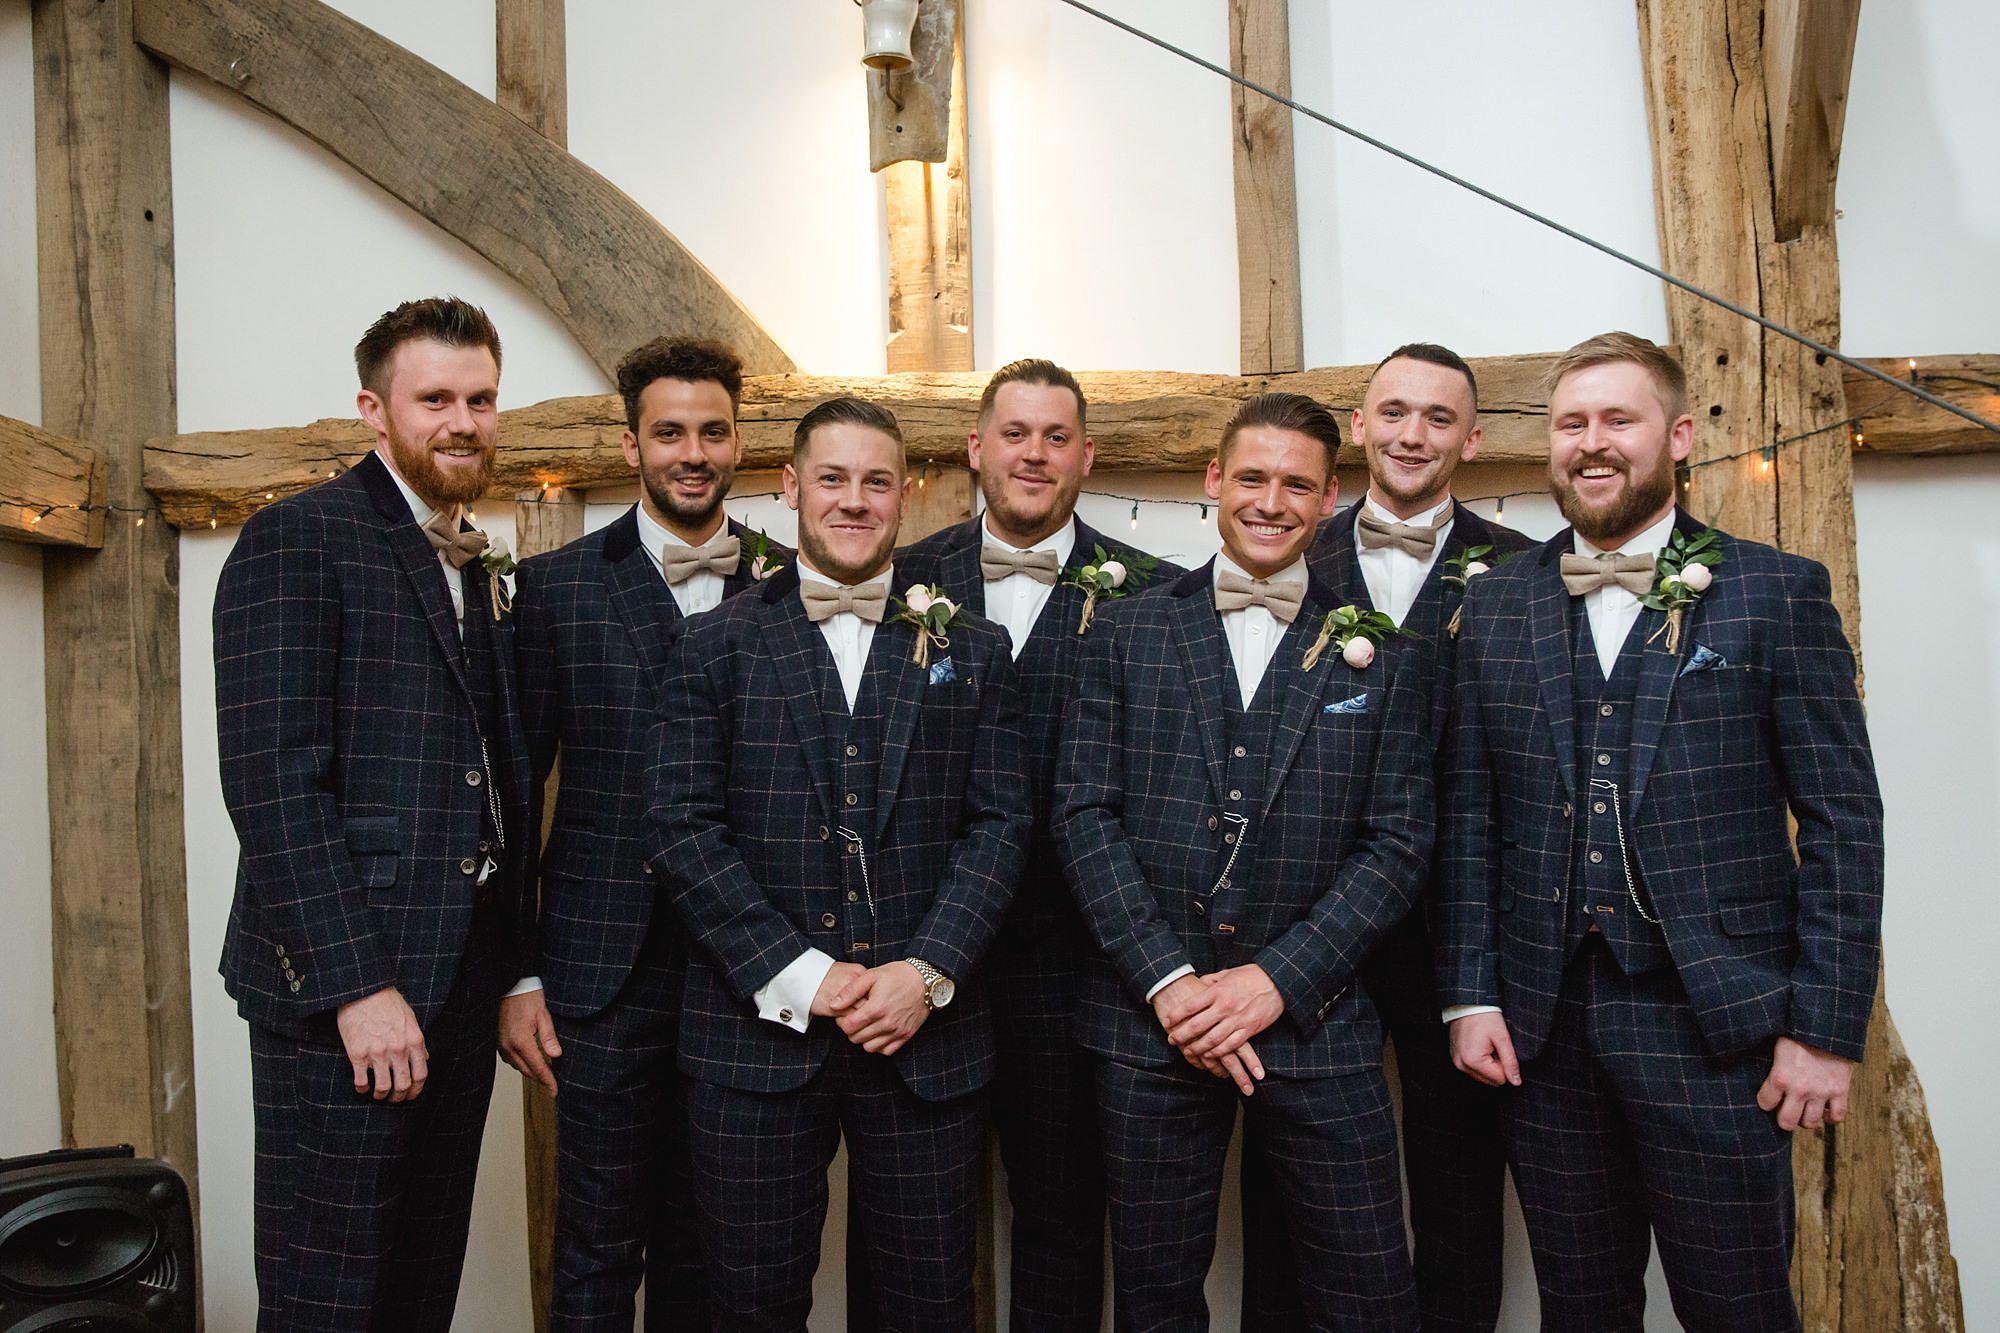 groom and groomsmen ahead of humanist wedding old greens barn